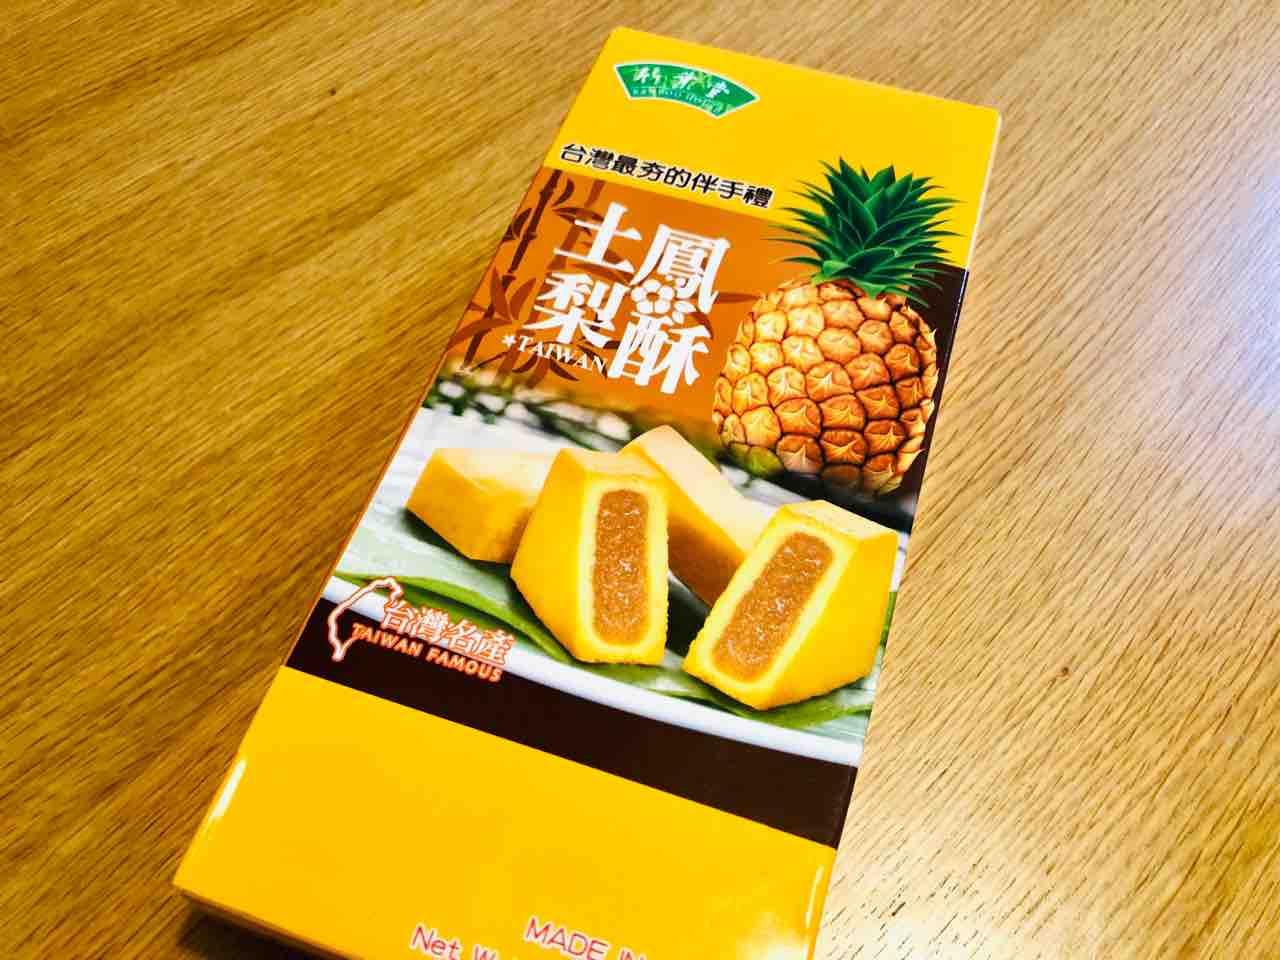 竹葉堂 カルディ パイナップルケーキ